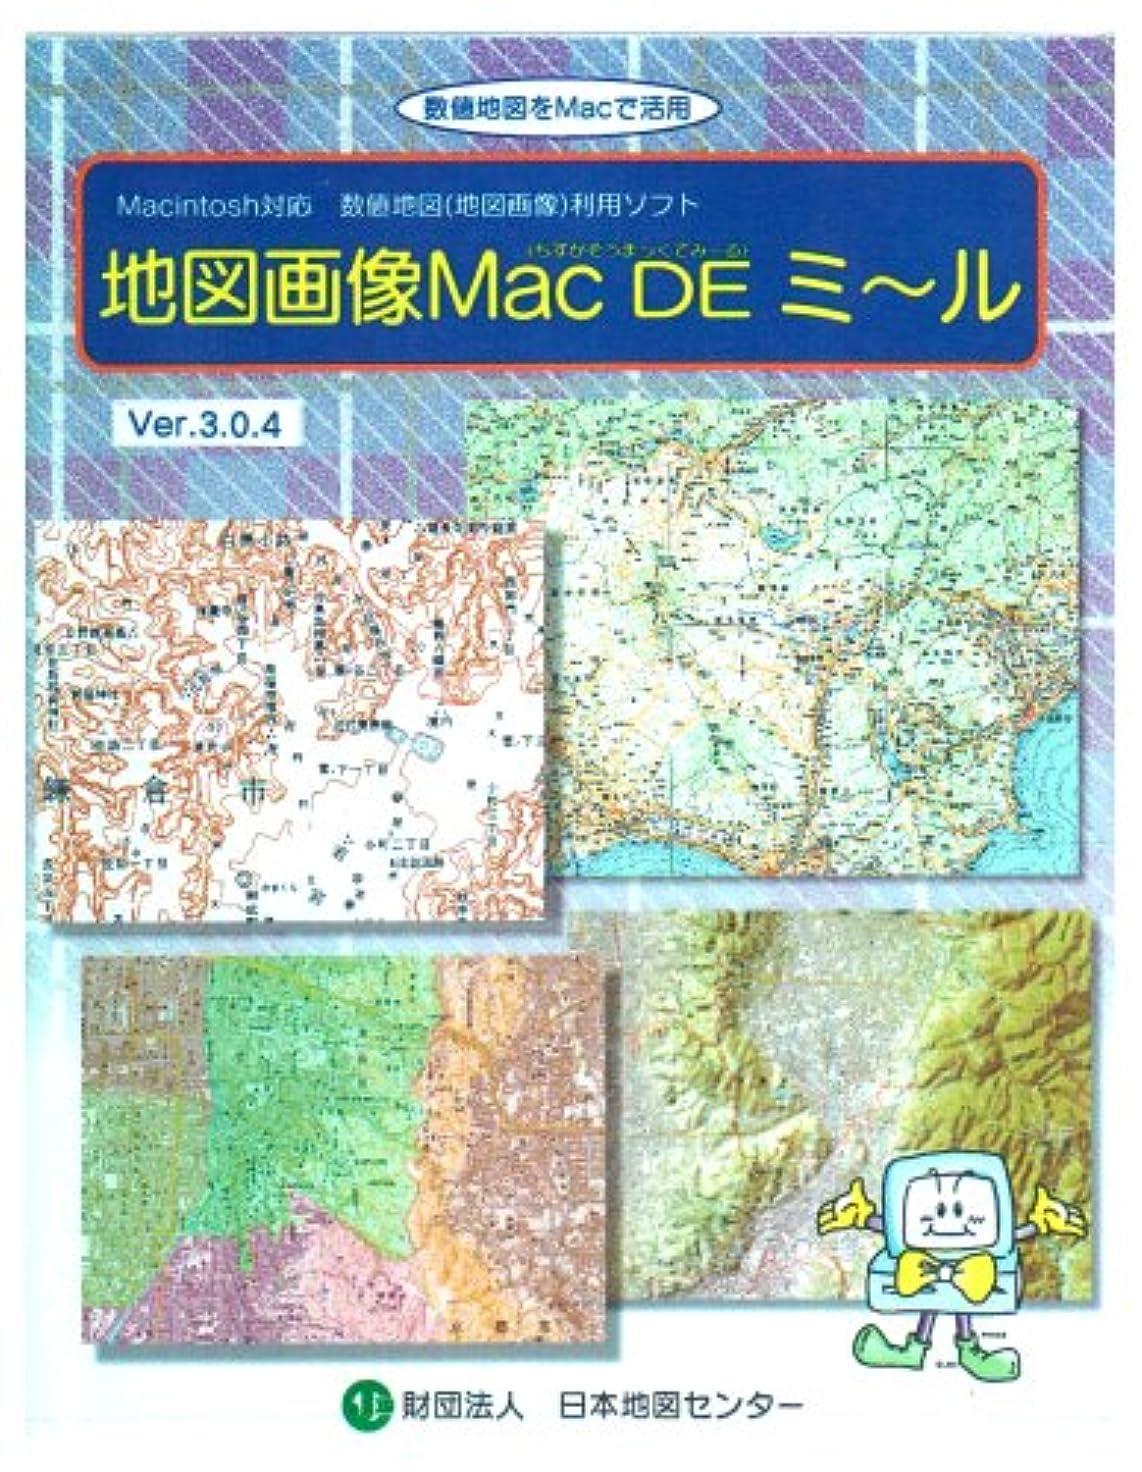 懲戒誤ってジャズ地図画像 Mac DE ミール